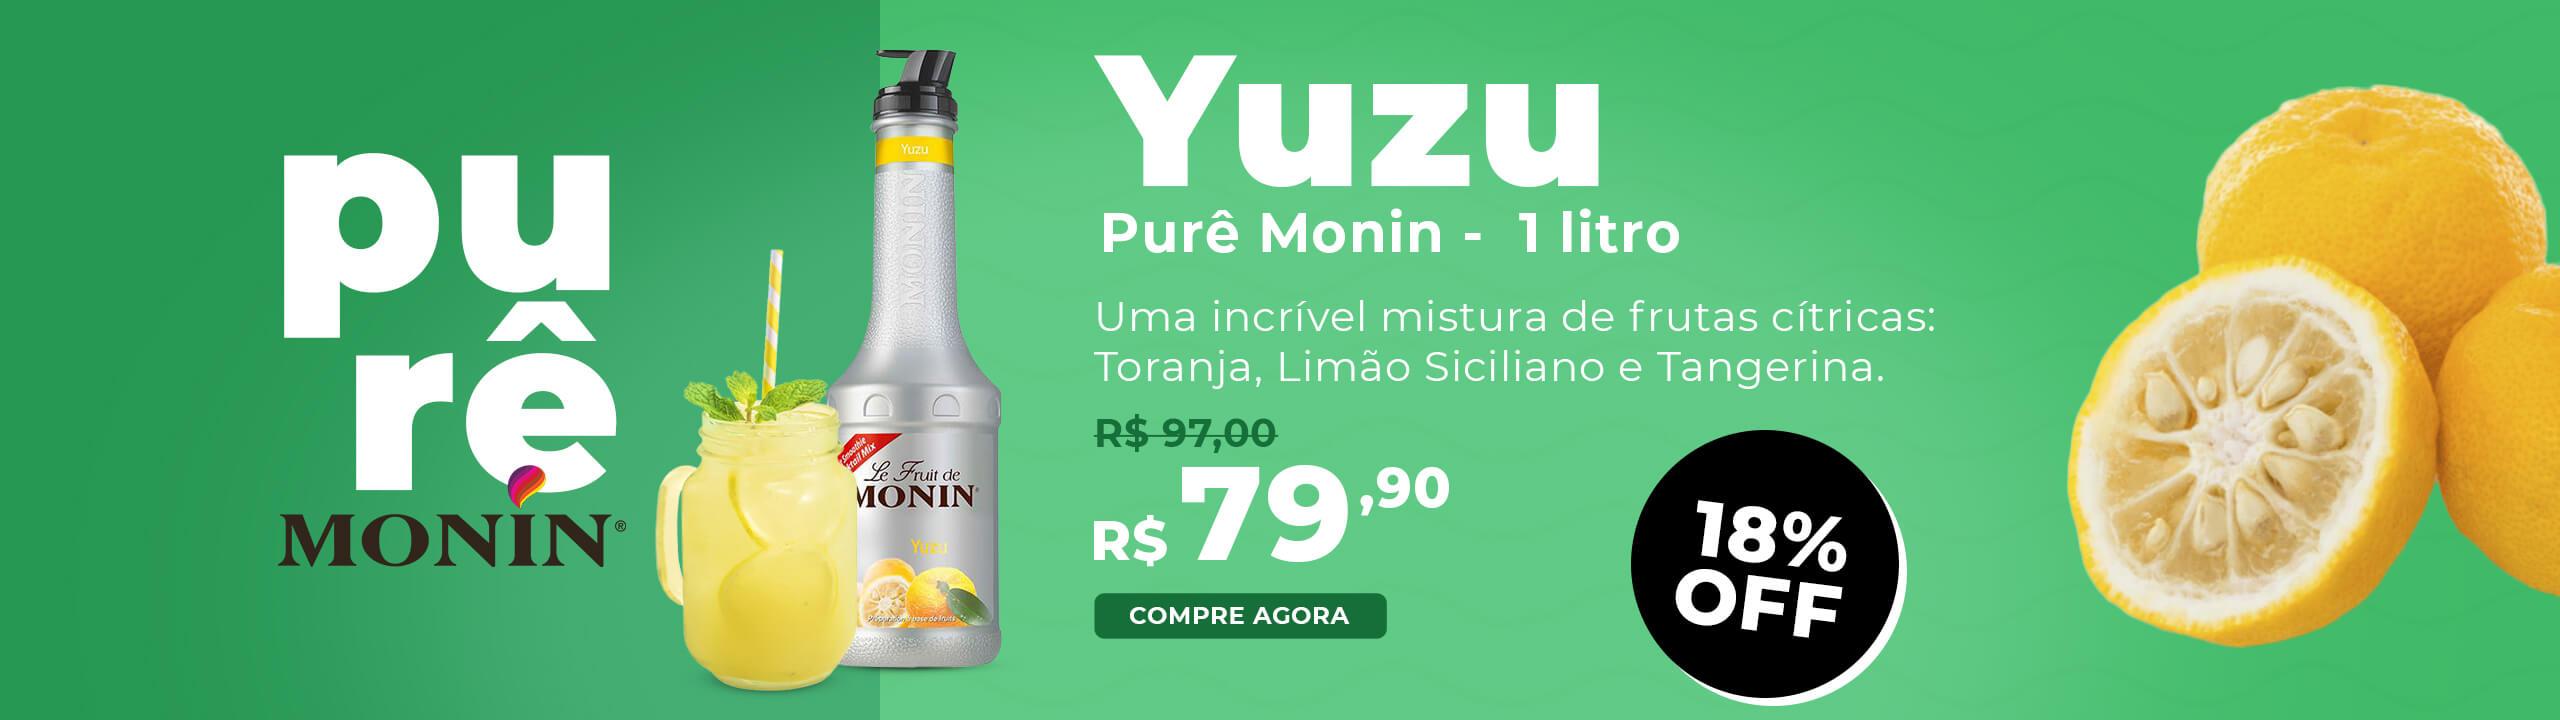 Purê Yuzu Monin 1 Litro